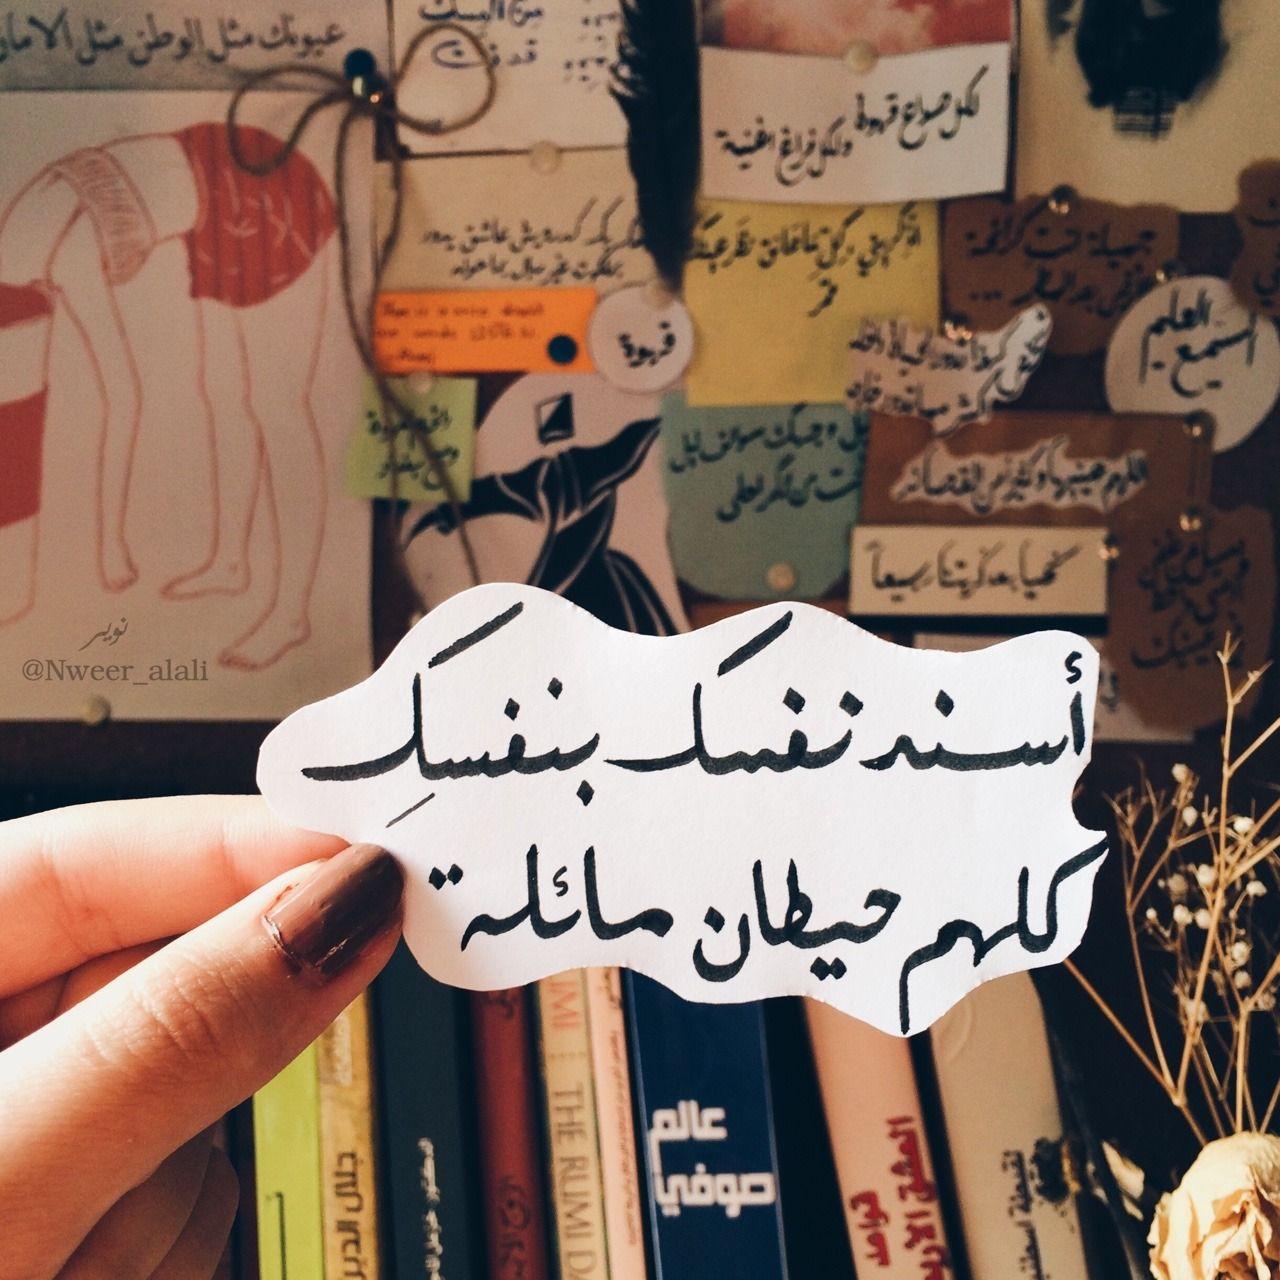 اسند نفسك بنفسك كلهم حيطان مائلة Words Quotes Luxury Quotes Funny Arabic Quotes